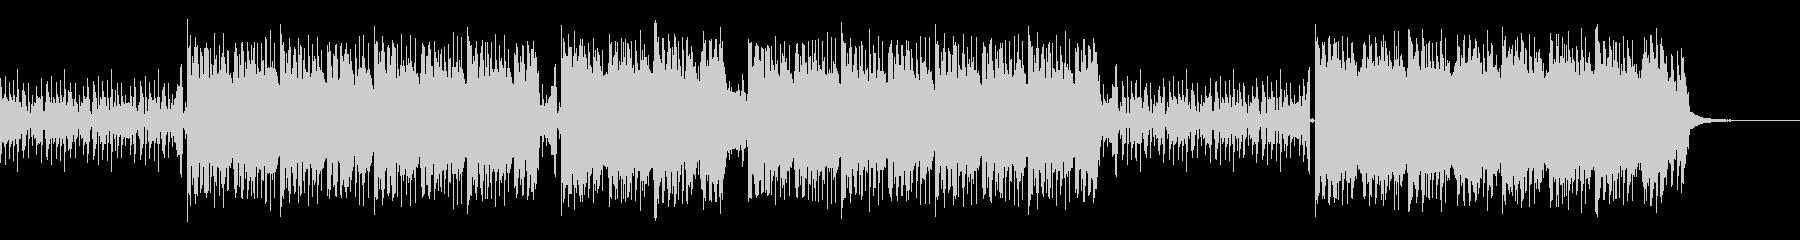 ロックでギターリフが特徴的な曲の未再生の波形